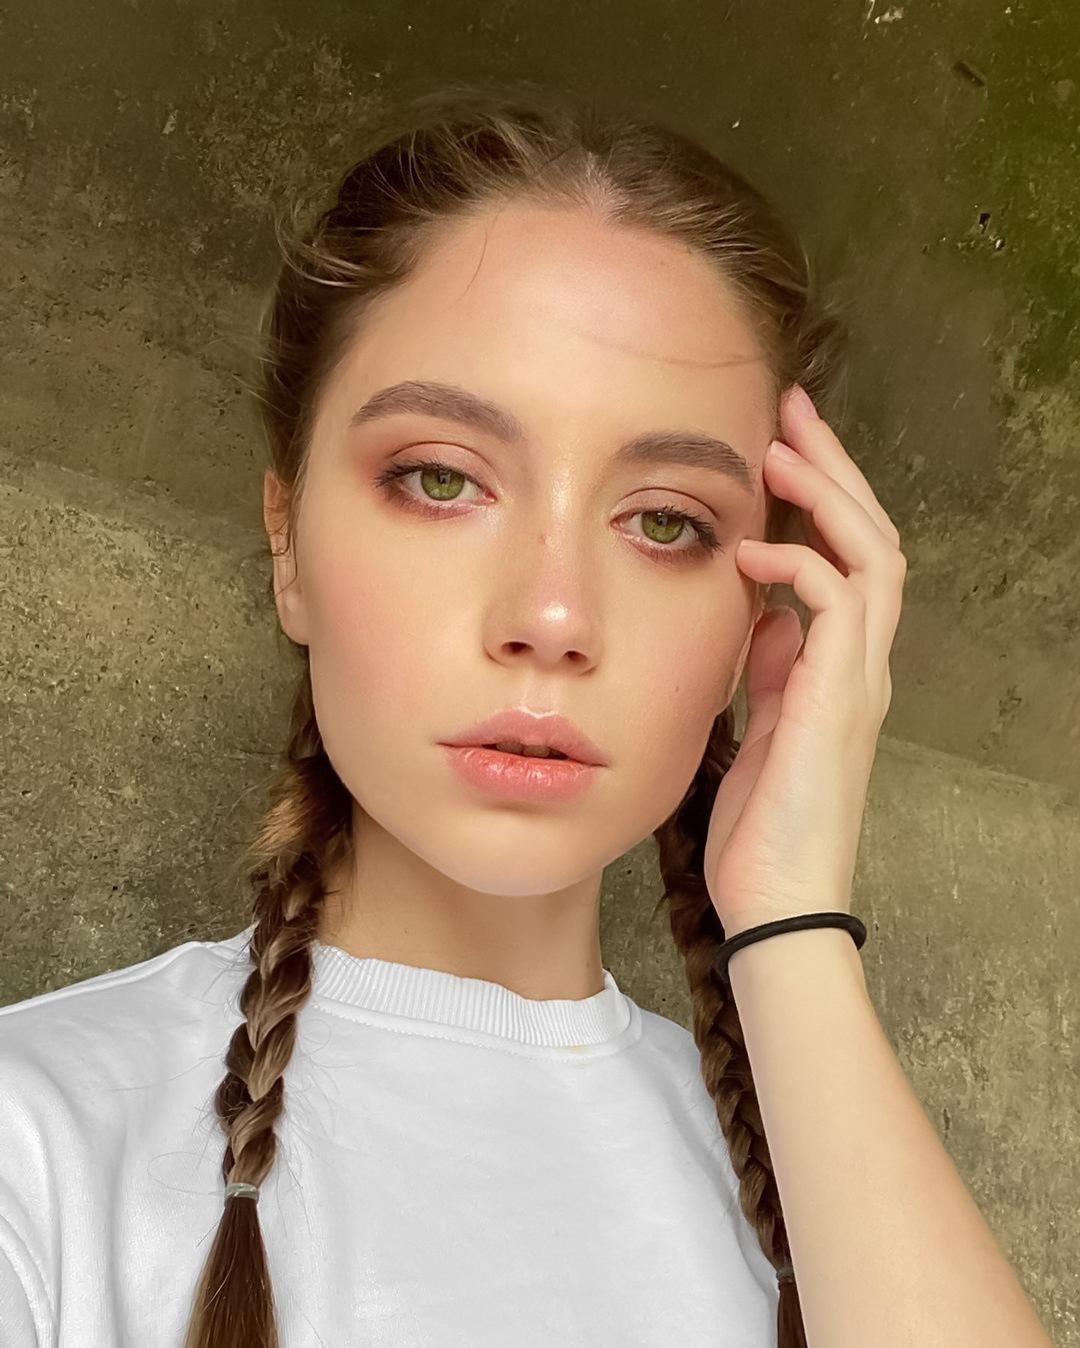 Ksenia Kokoreva Women Brunette Portrait Makeup Blush Braids Pigtails Wall Green Eyes 1080x1348